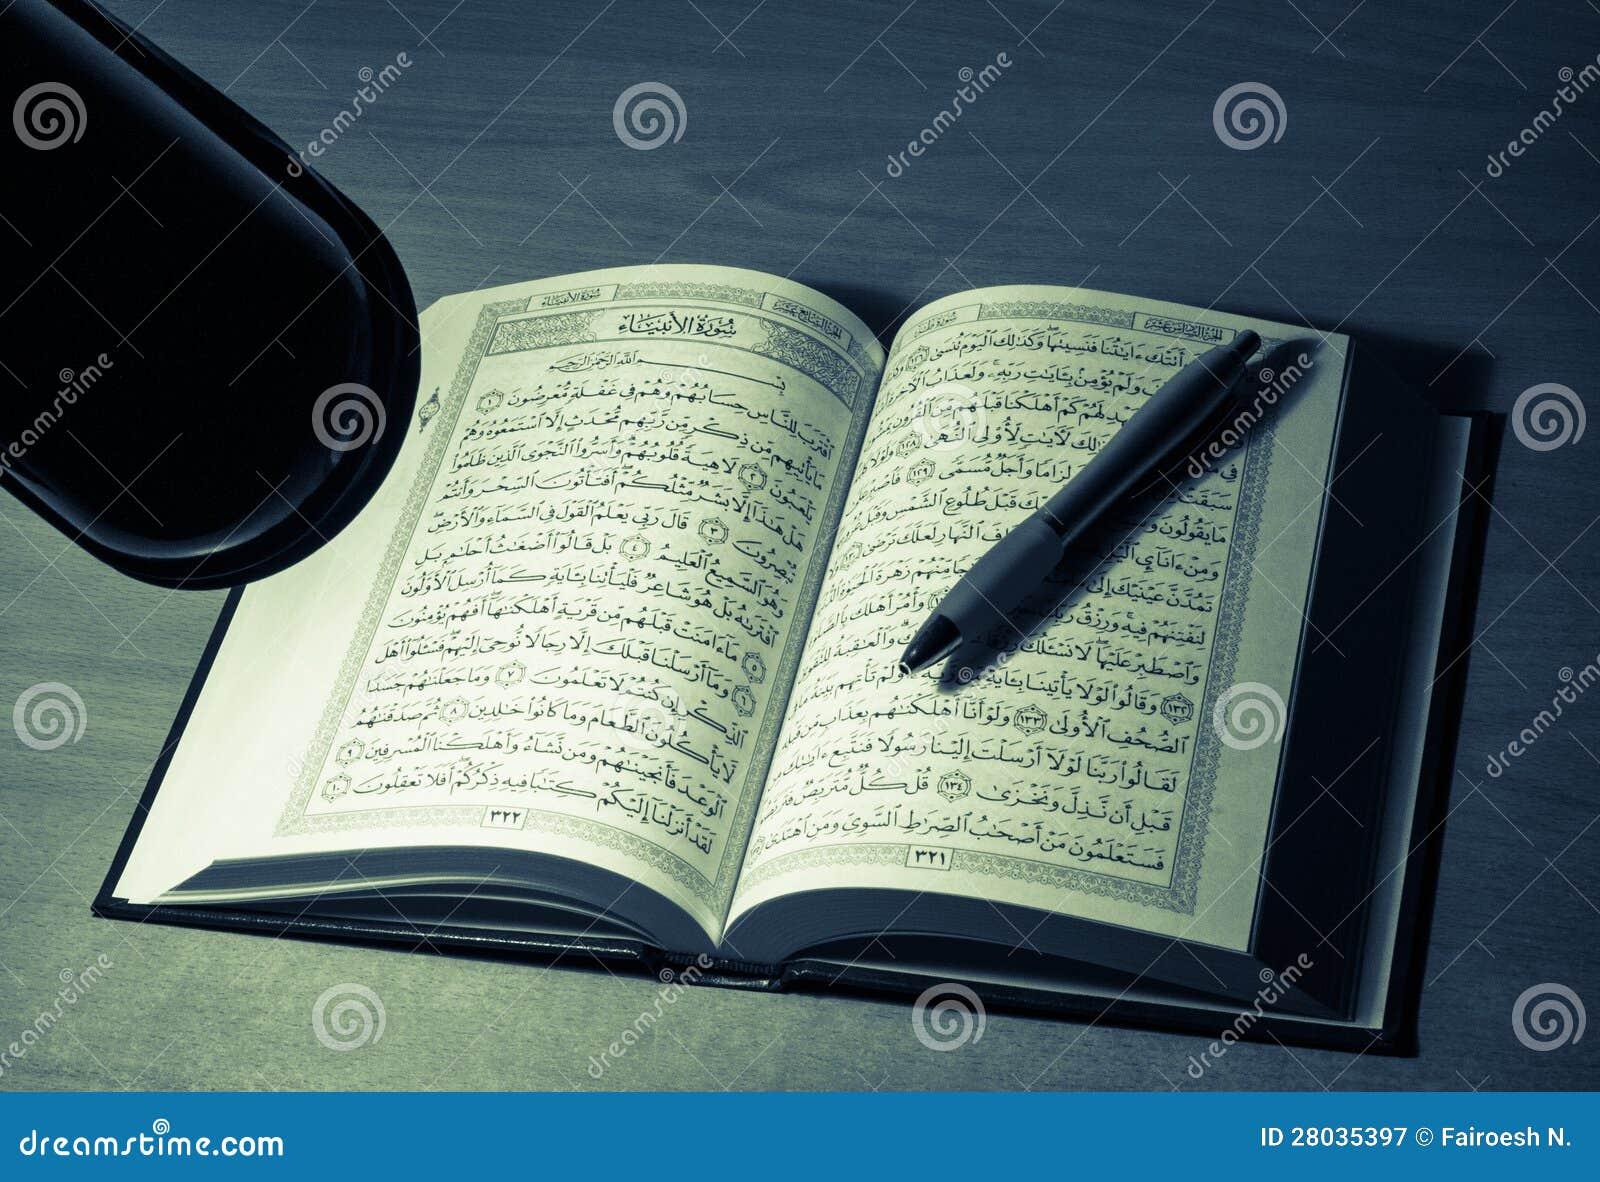 Quran stock image  Image of quran, book, prayer, pencil